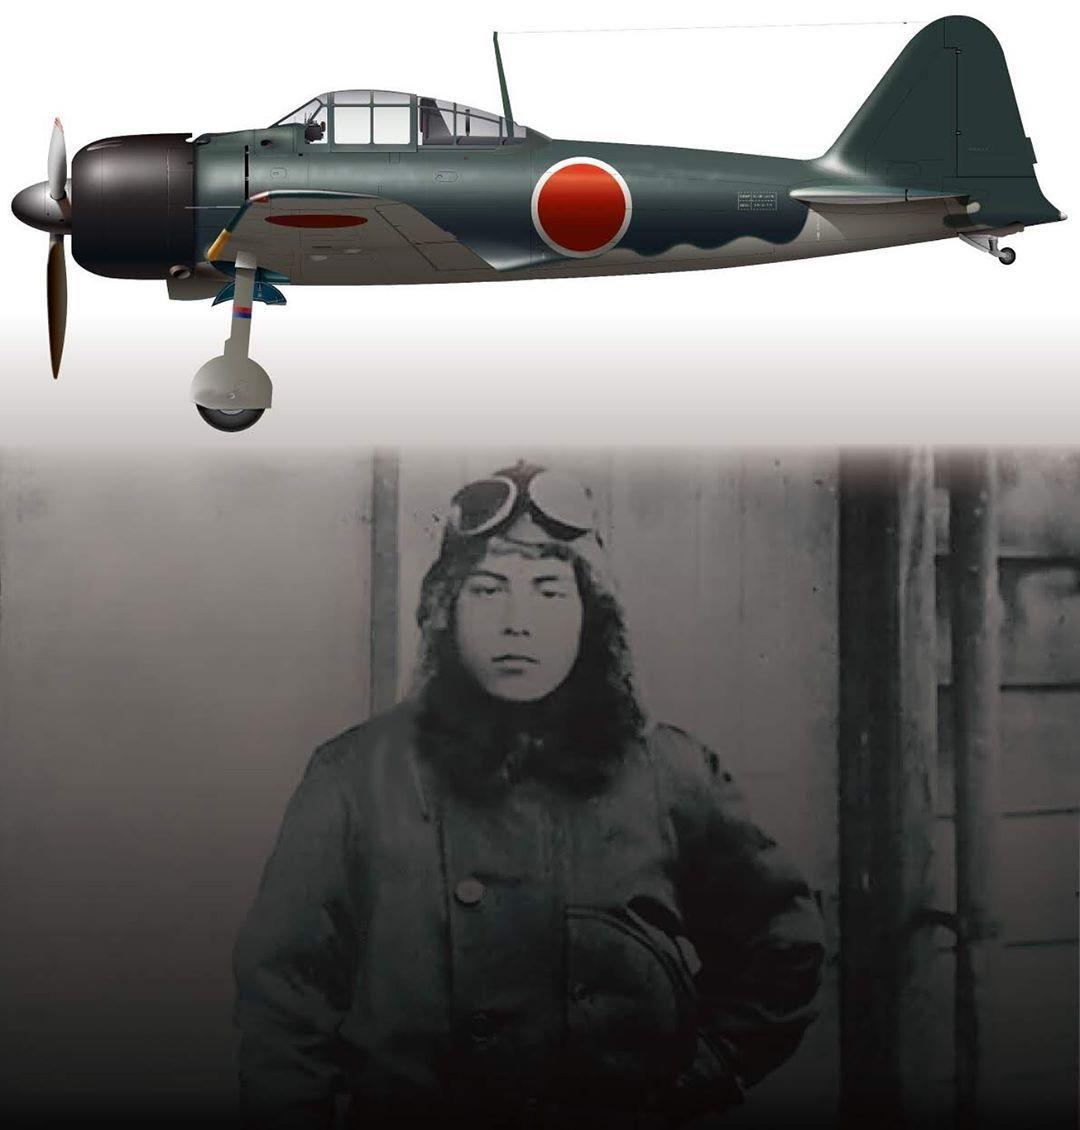 台湾 で神になったパイロット 』 . 第201海軍航空隊? 2代目 台南海軍 ...